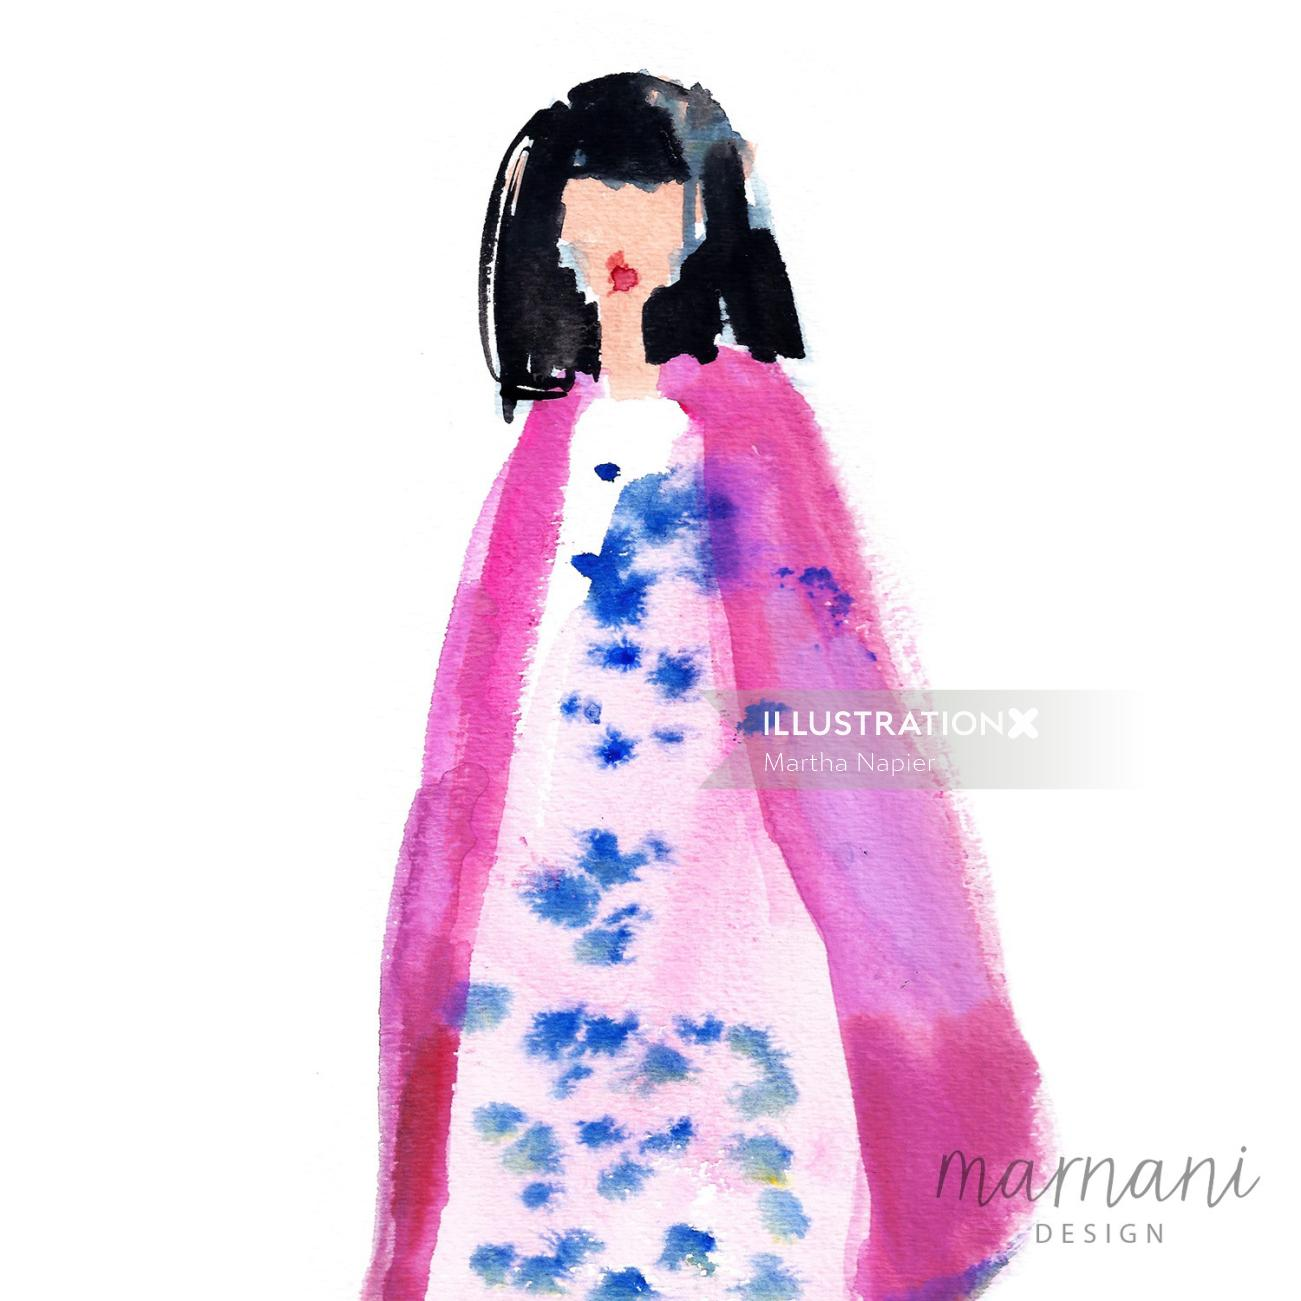 Martha Napier's fashion illustration for Gary pepper girl